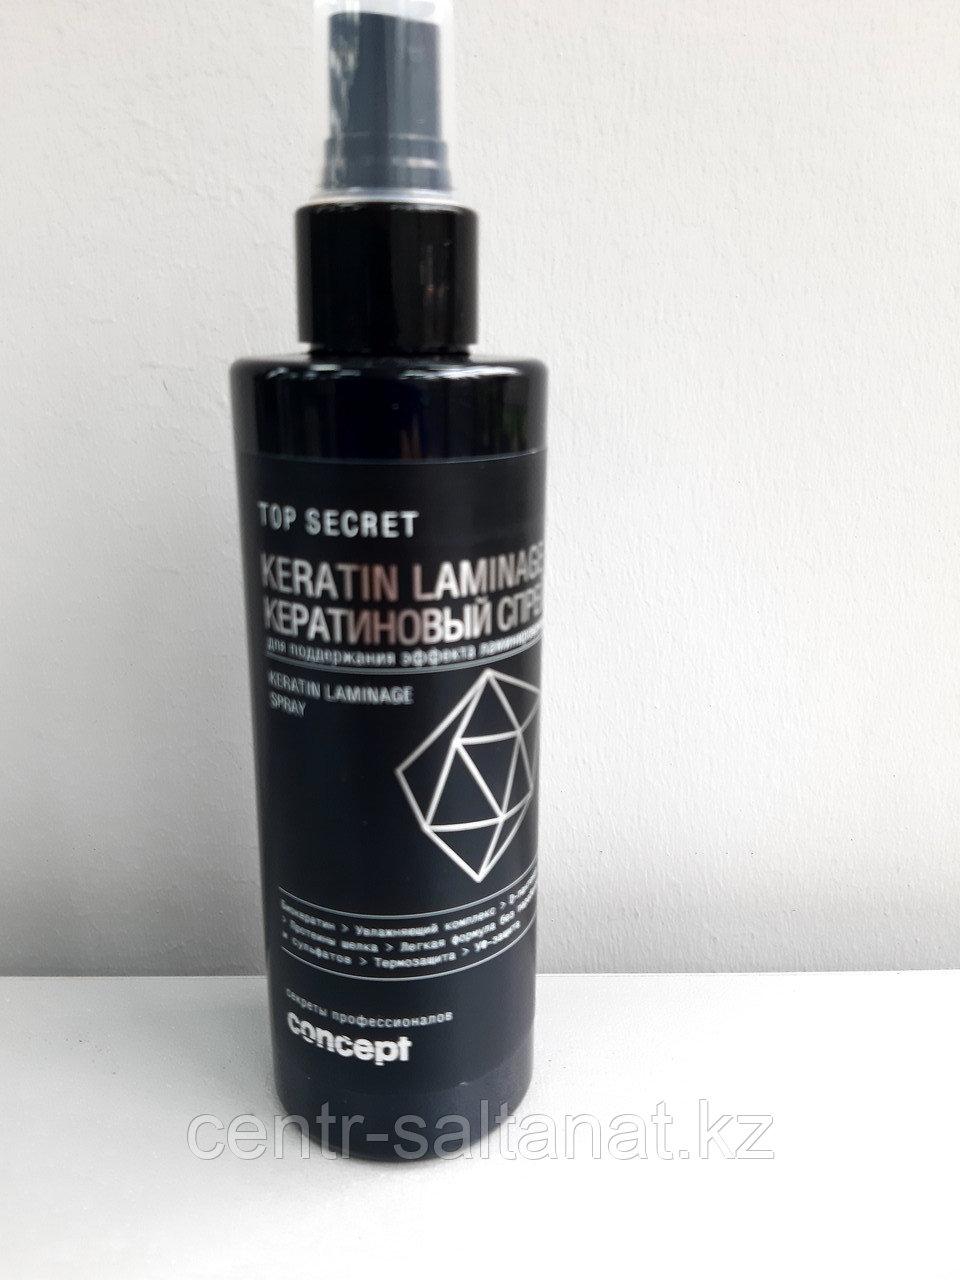 Кератиновый спрей для поддержания эффекта ламинирования волос 200 мл CONCEPT